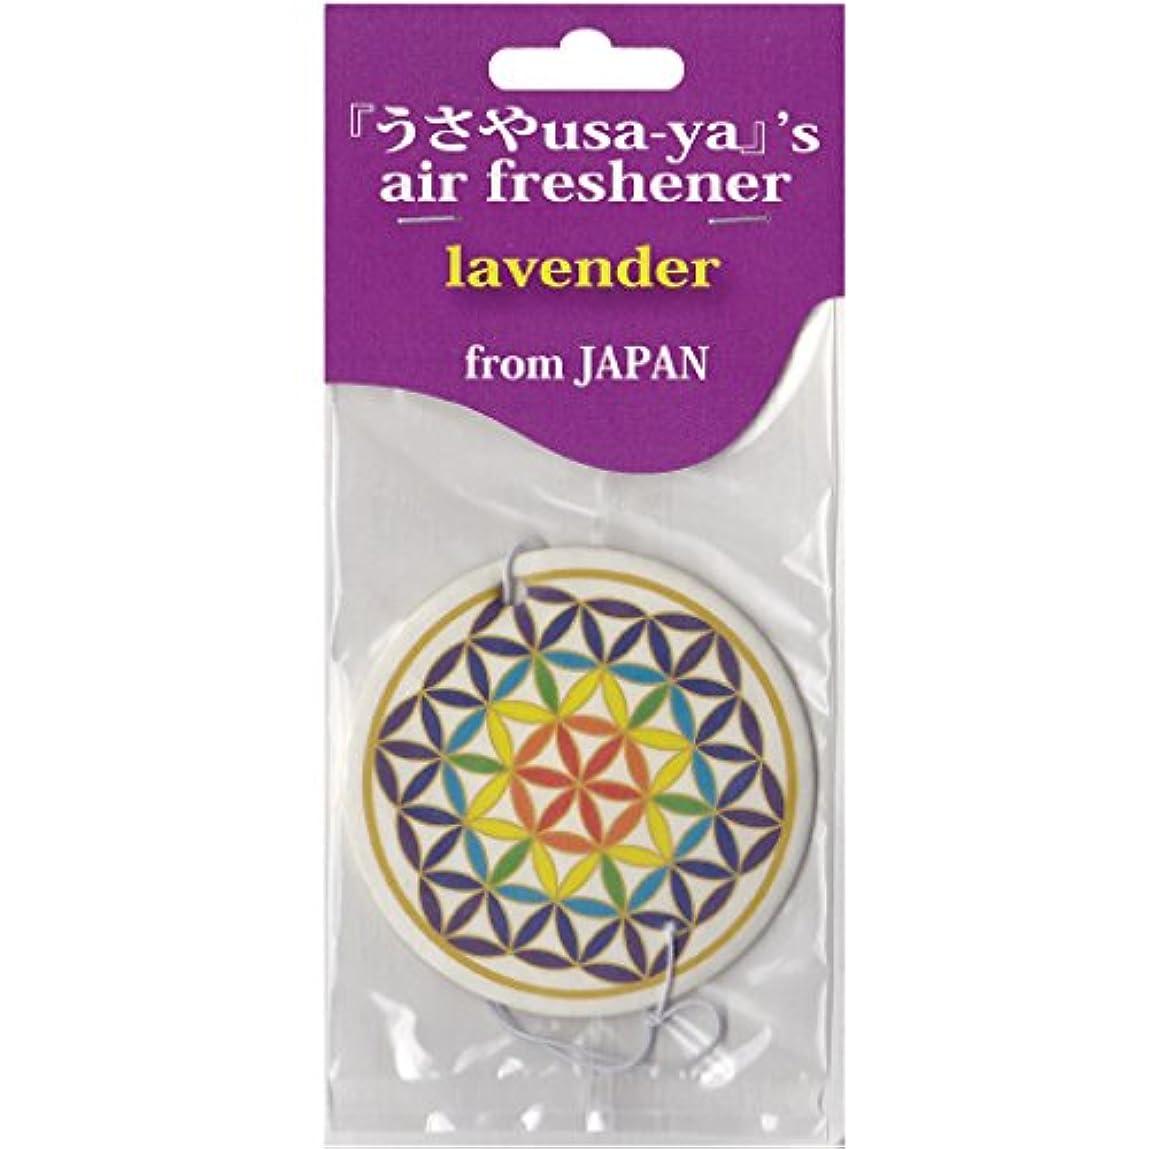 売る遊具アセフラワーオブライフ ラベンダー フレグランス エア フレッシュナー 神聖幾何学模様 微香タイプ